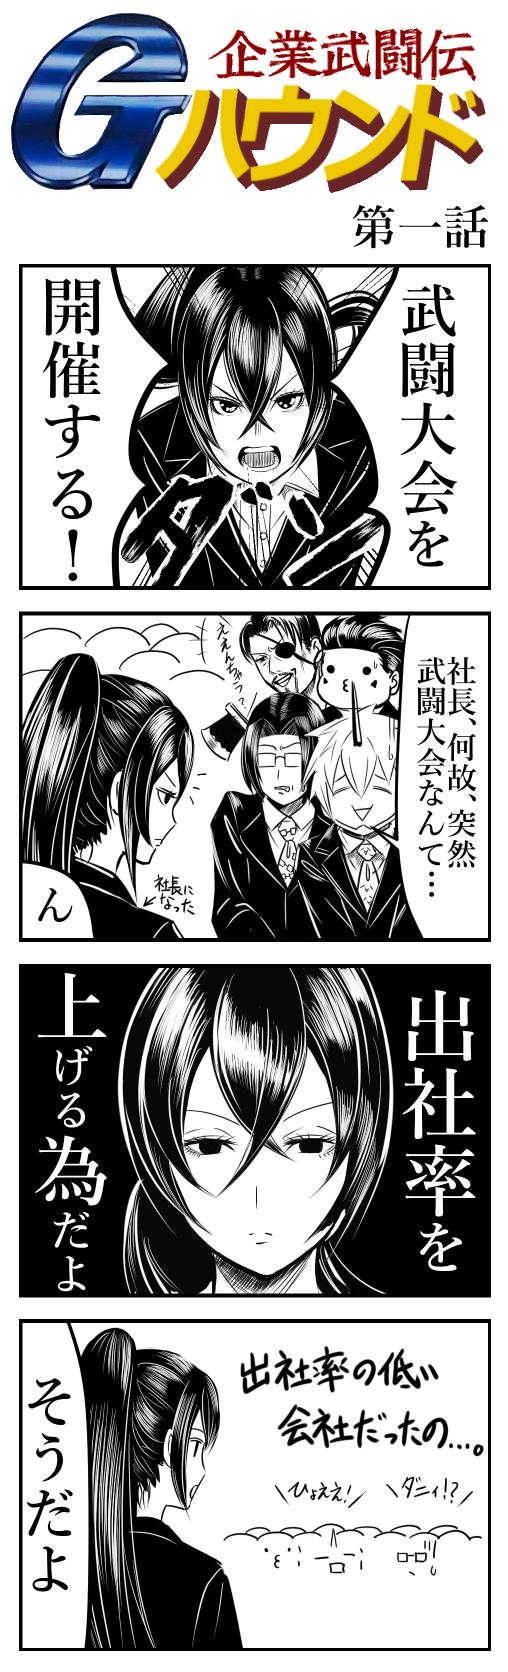 企業武闘伝Gハウンド